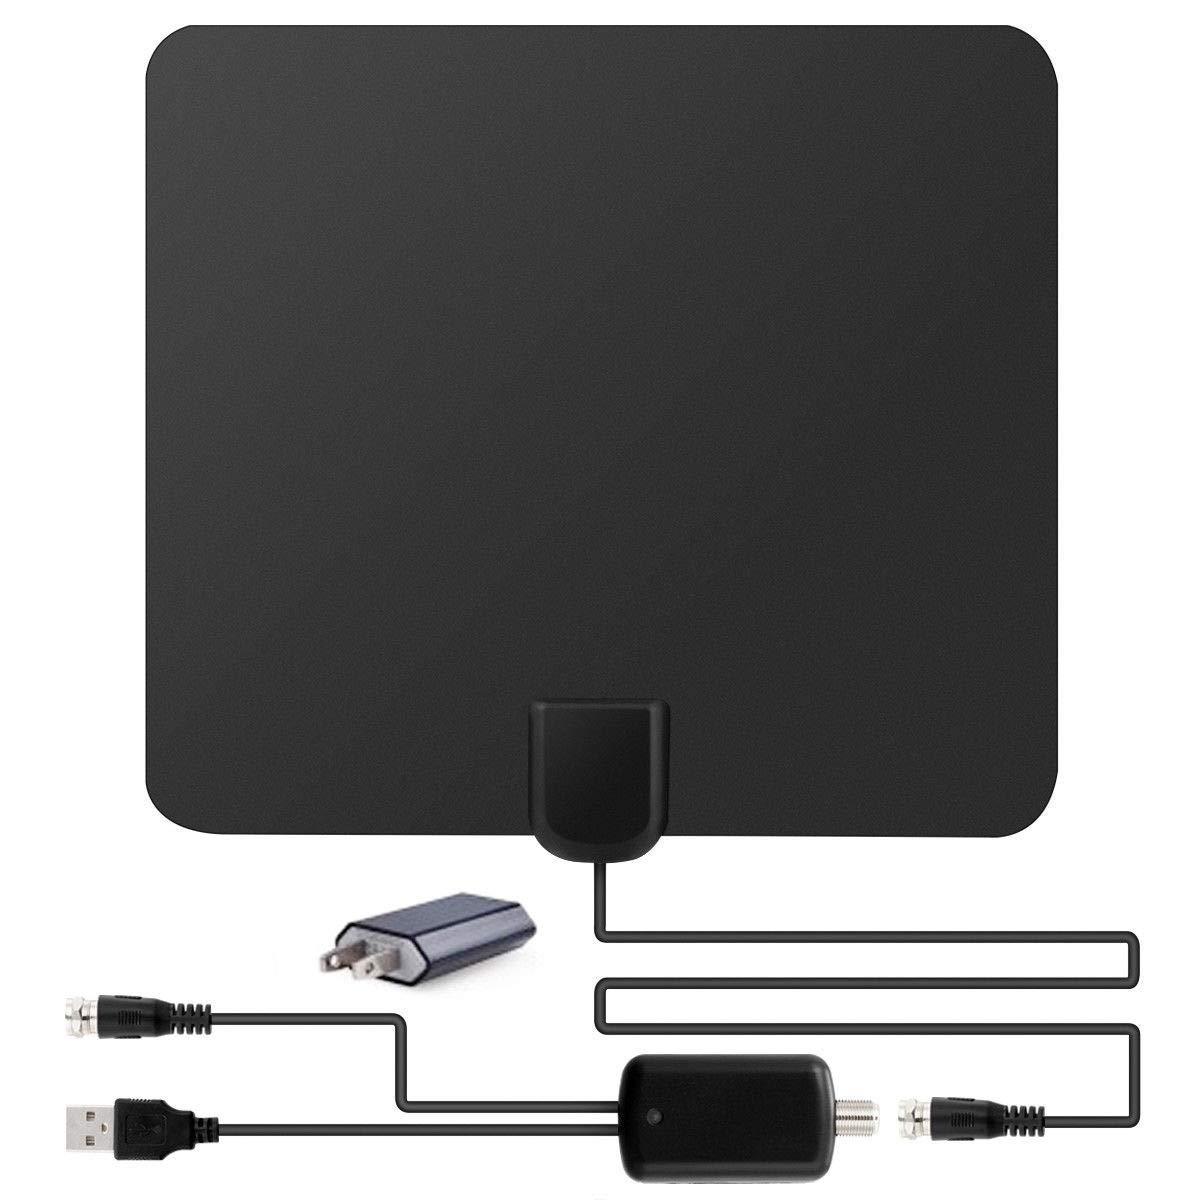 FidgetFidget 50 Miles Range Flat HD Digital Indoor Amplified TV Antenna Amplifier{Plug: US Plug}